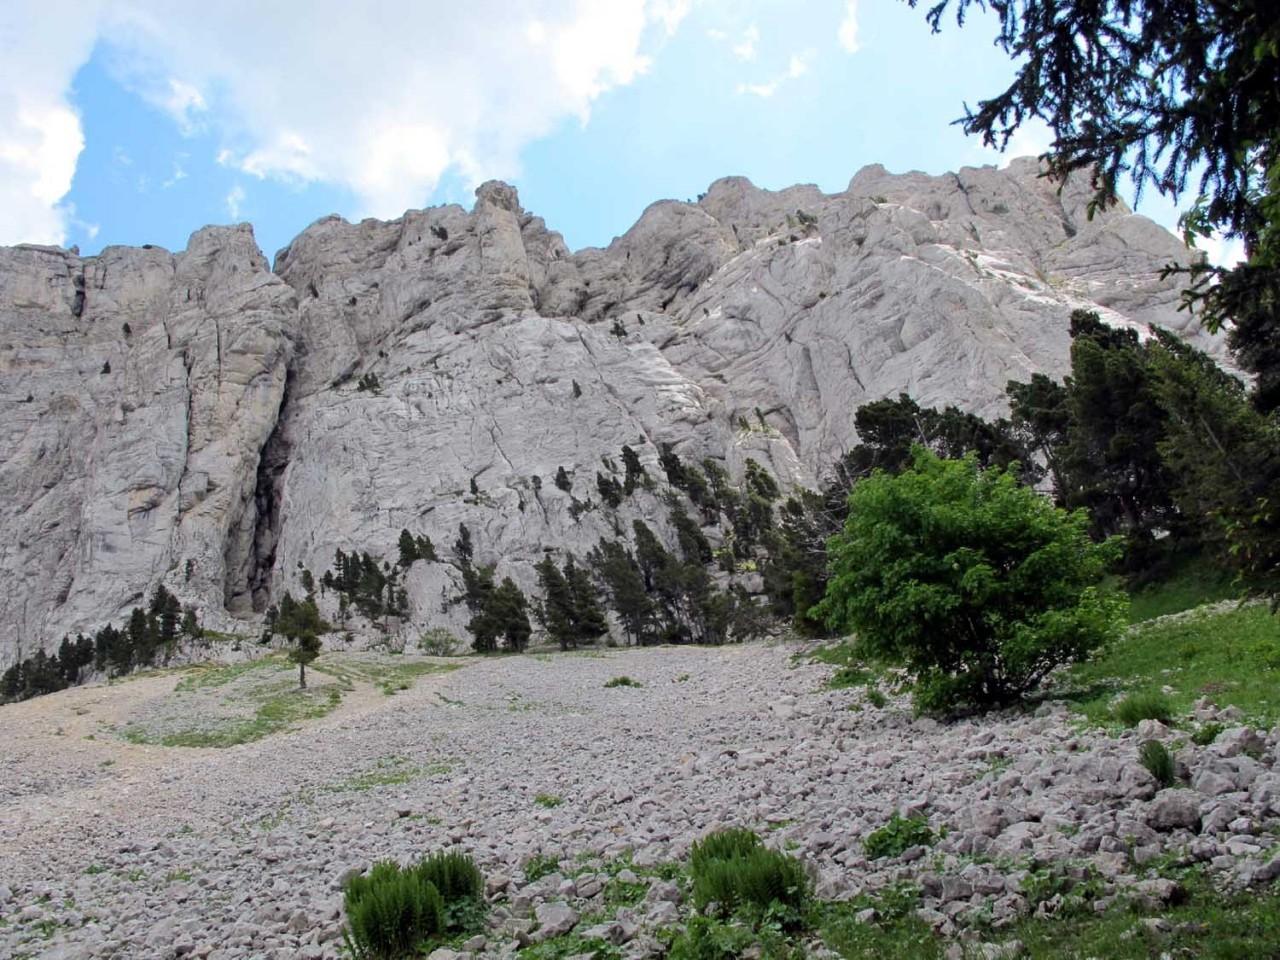 Le tour du Mont Aiguille - Vercors - 23/06/20 -